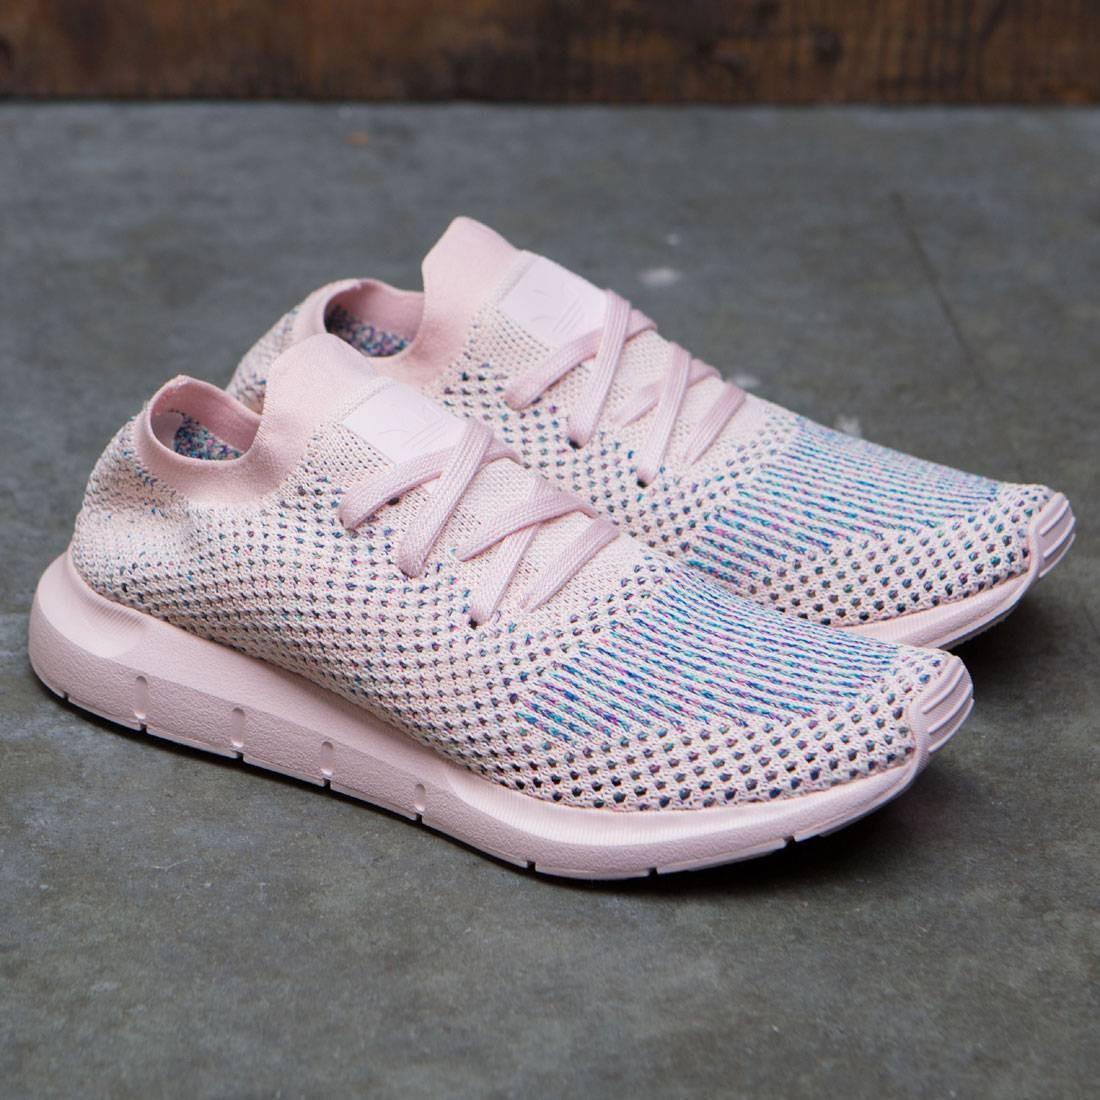 Pink Swift Run Knit Sneakers adidas Originals 2xx0qtikL